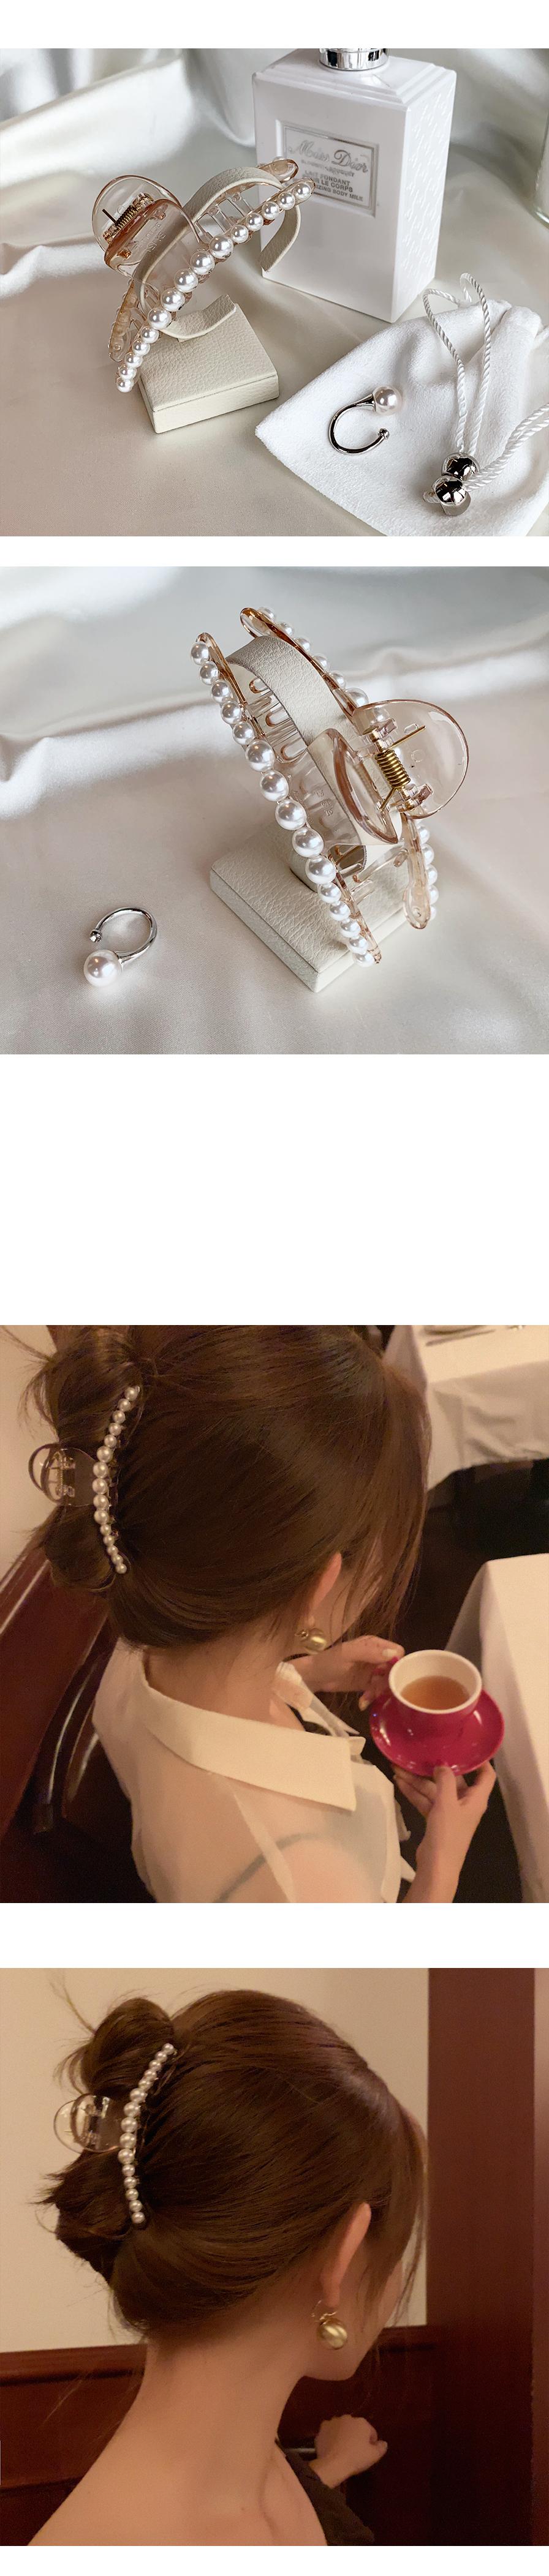 진주 라인 올림머리 집게핀 - 아르뉴, 10,000원, 헤어핀/밴드/끈, 헤어핀/끈